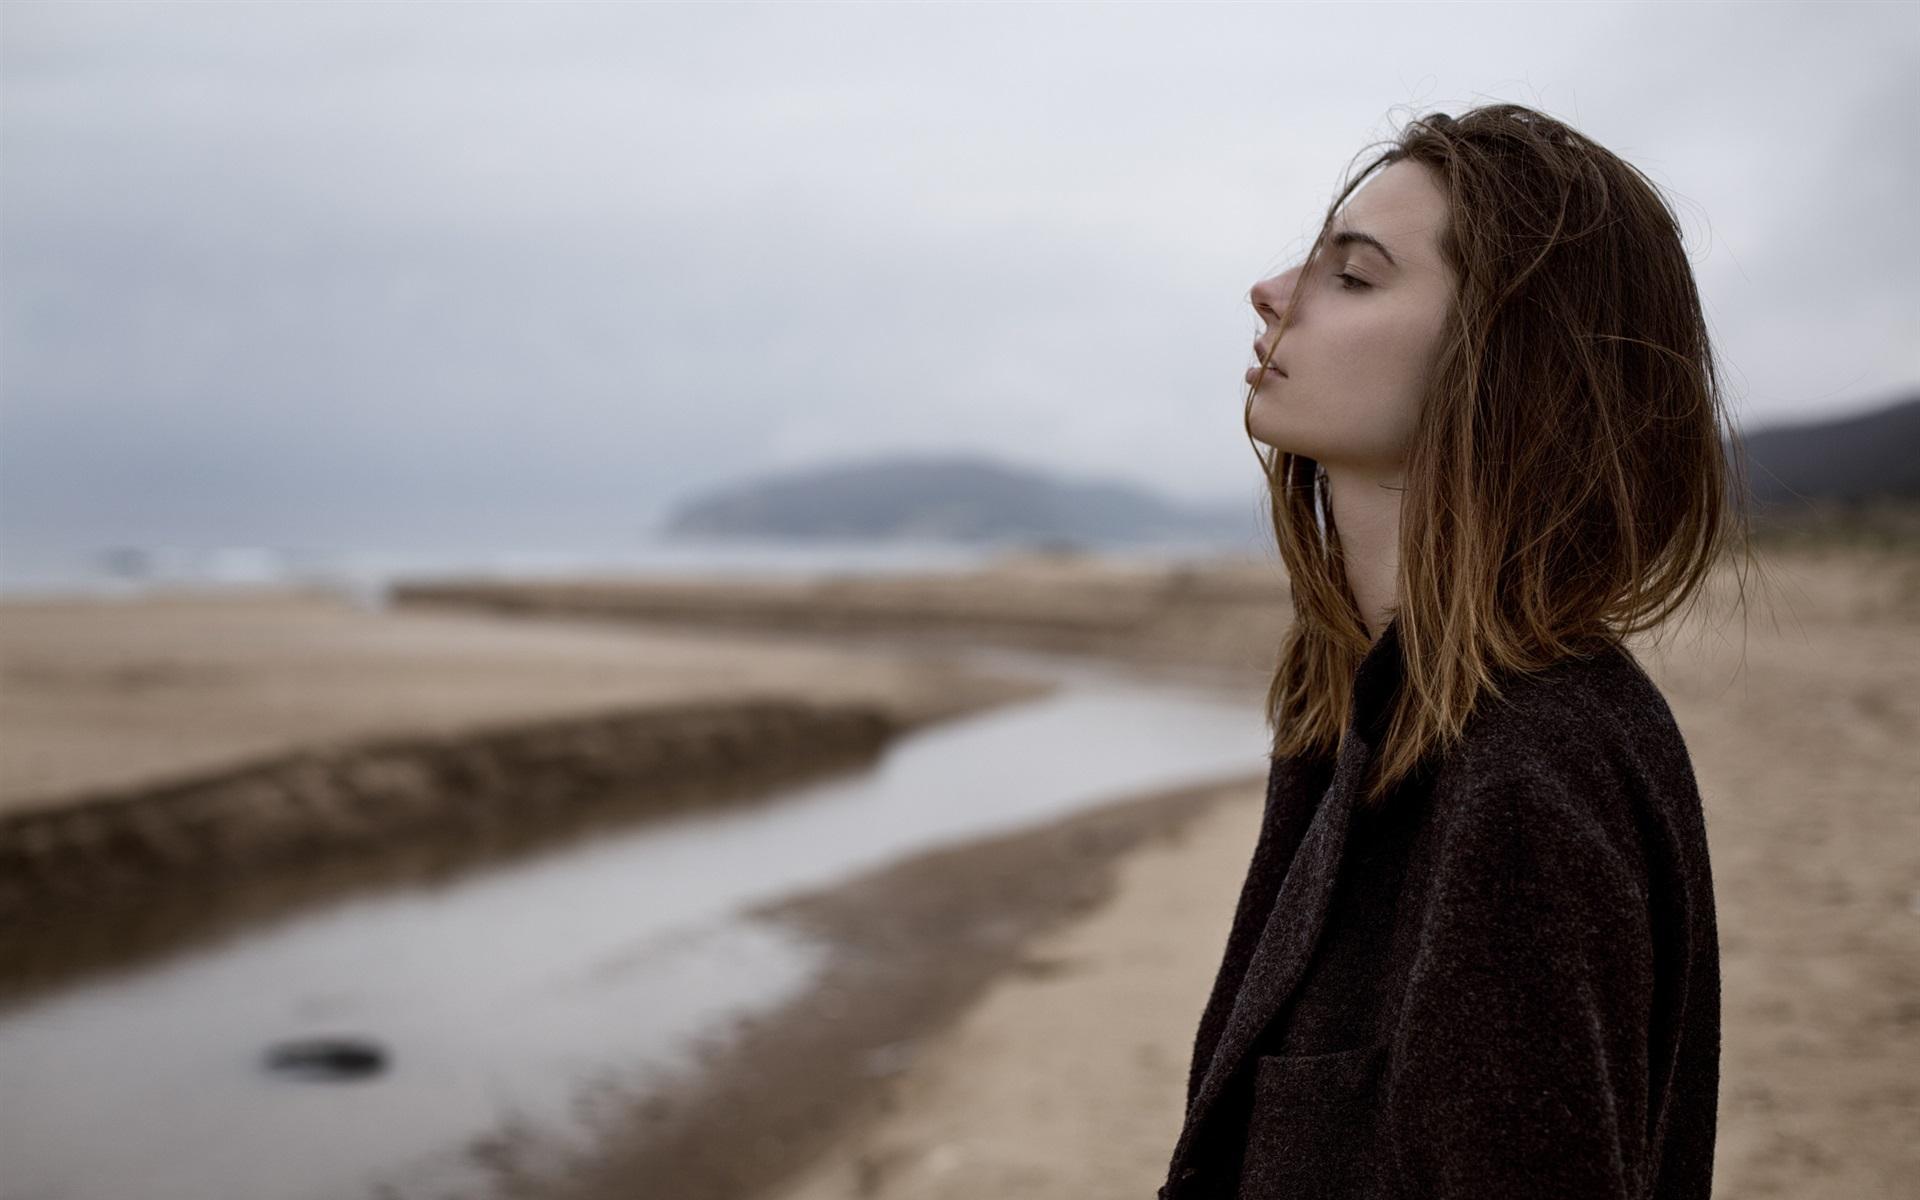 Красивые картинки девушек грустные